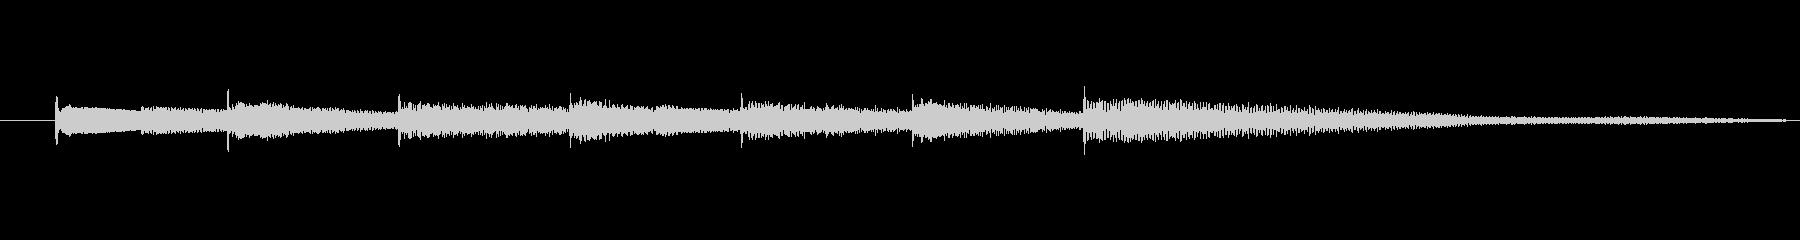 キラキラした透明感のあるオルゴールベルの未再生の波形